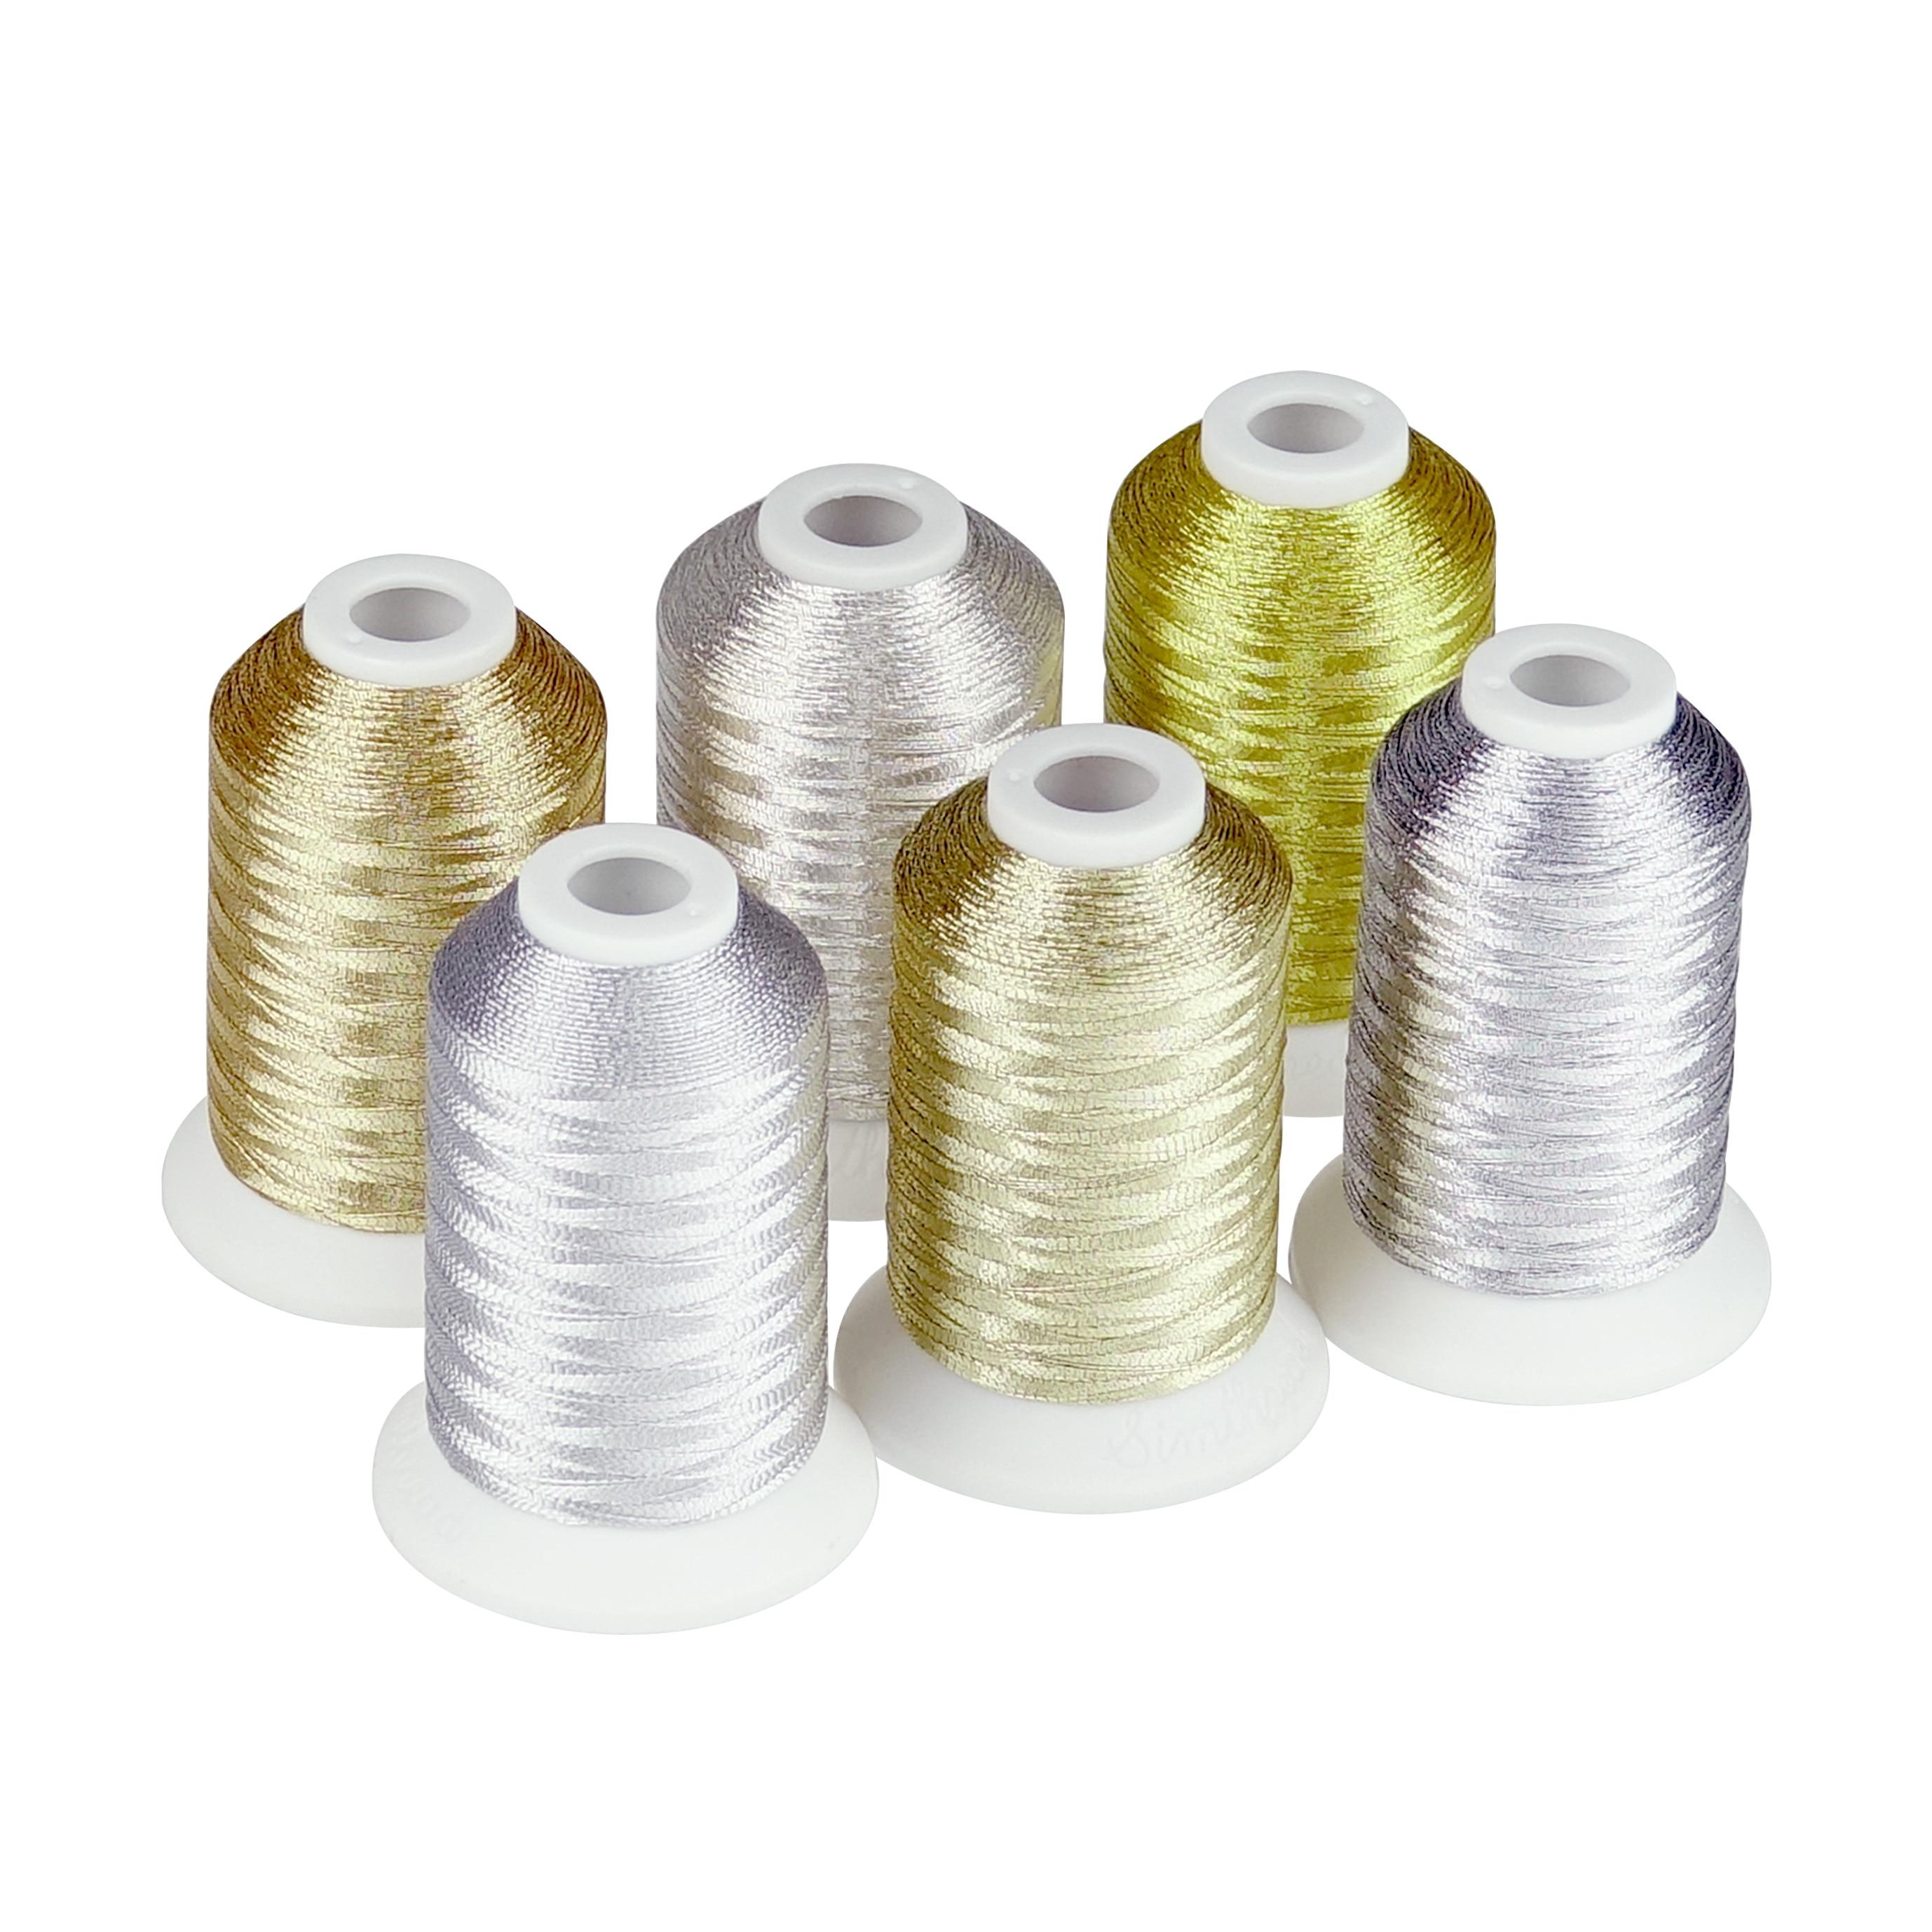 Simthread fio de bordado metálico, cores douradas e prateadas para mão ou máquina, 6 carreiras, 550 jardas cada